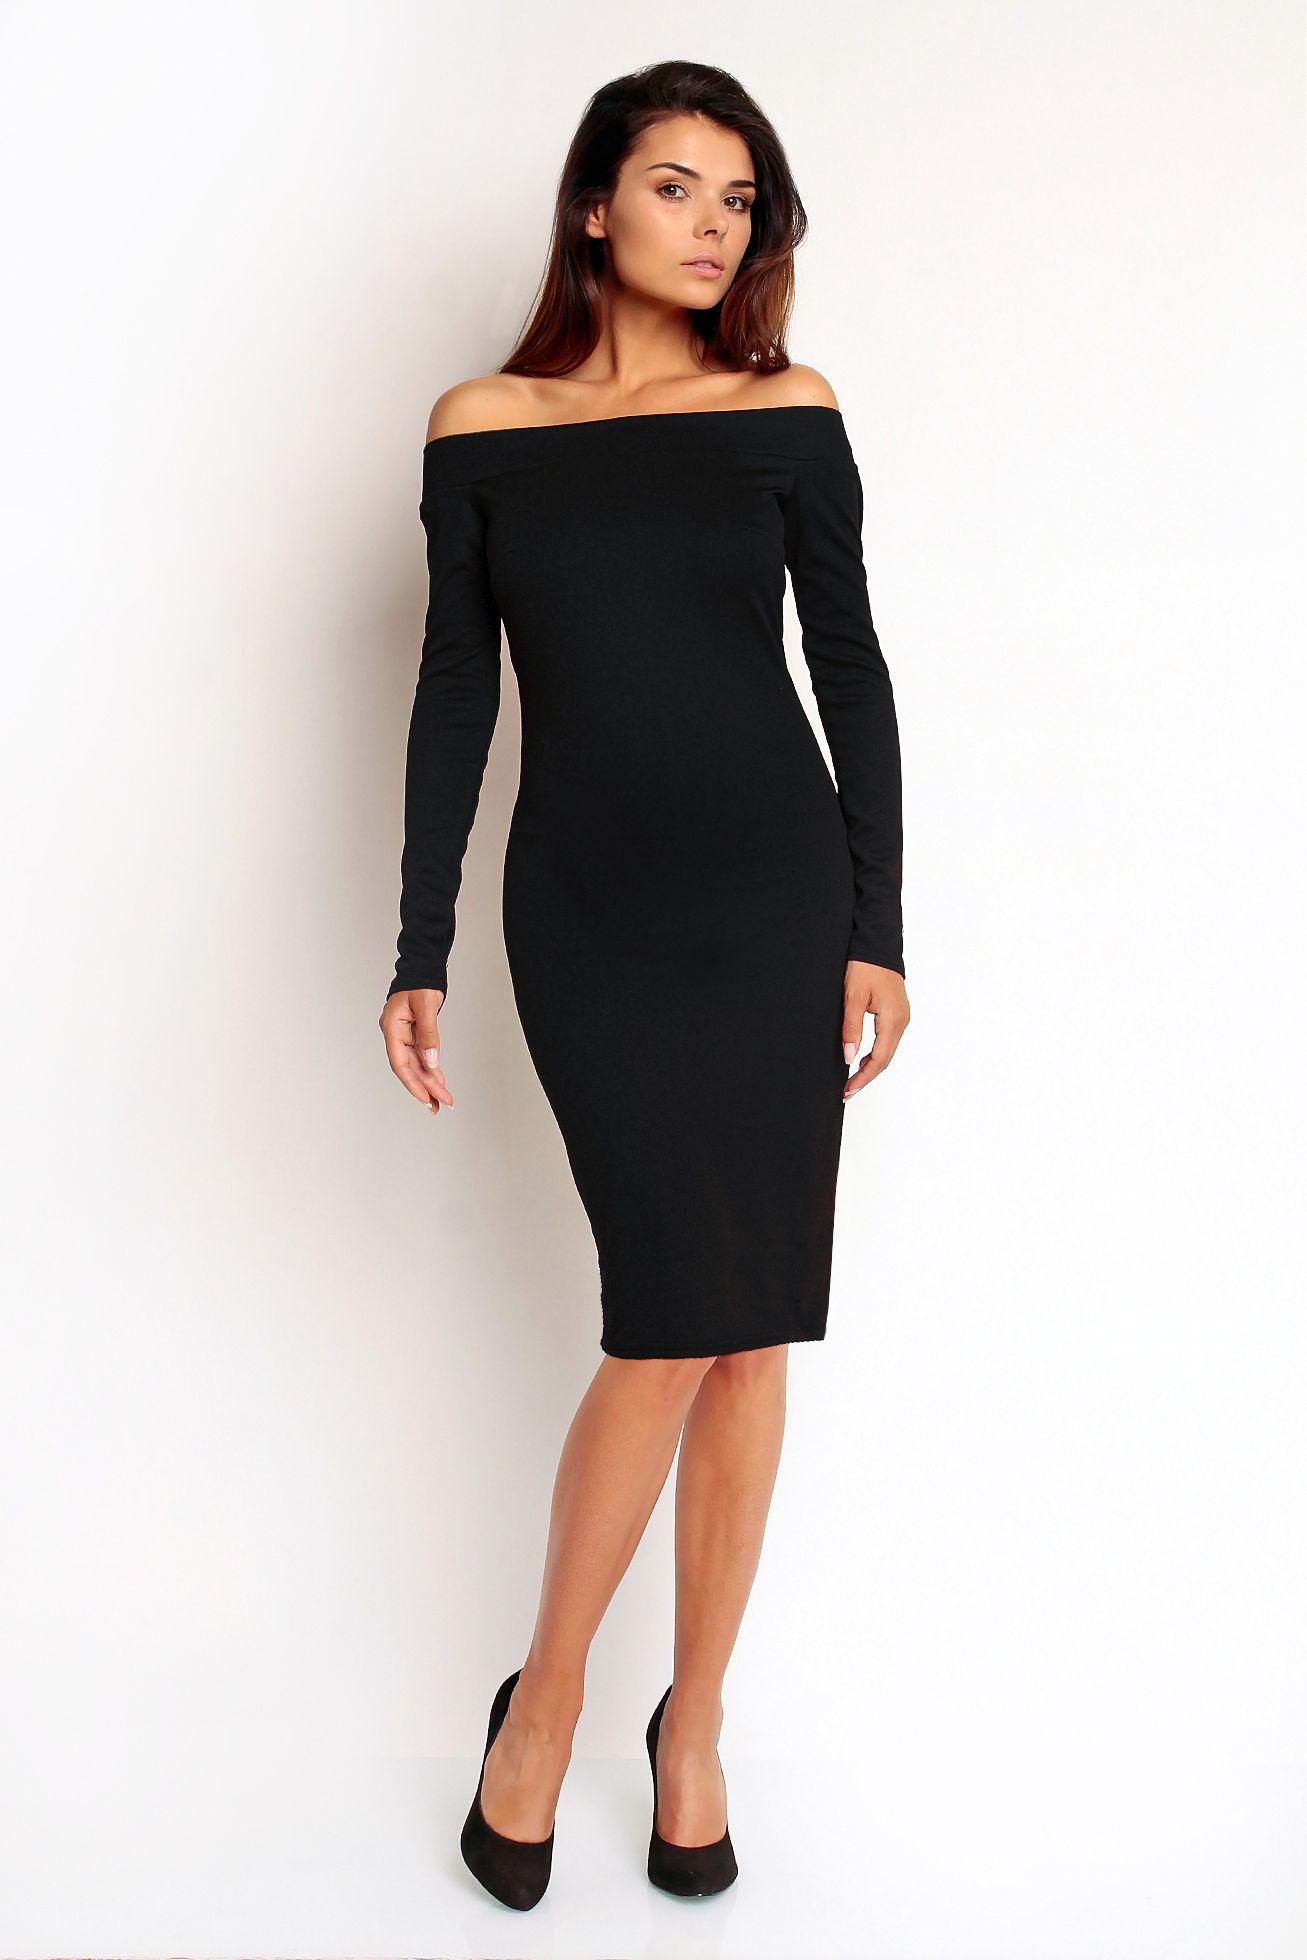 Czarna Dopasowana Sukienka Z Odkrytymi Ramionami Black Knee Length Dress Dresses Fashion